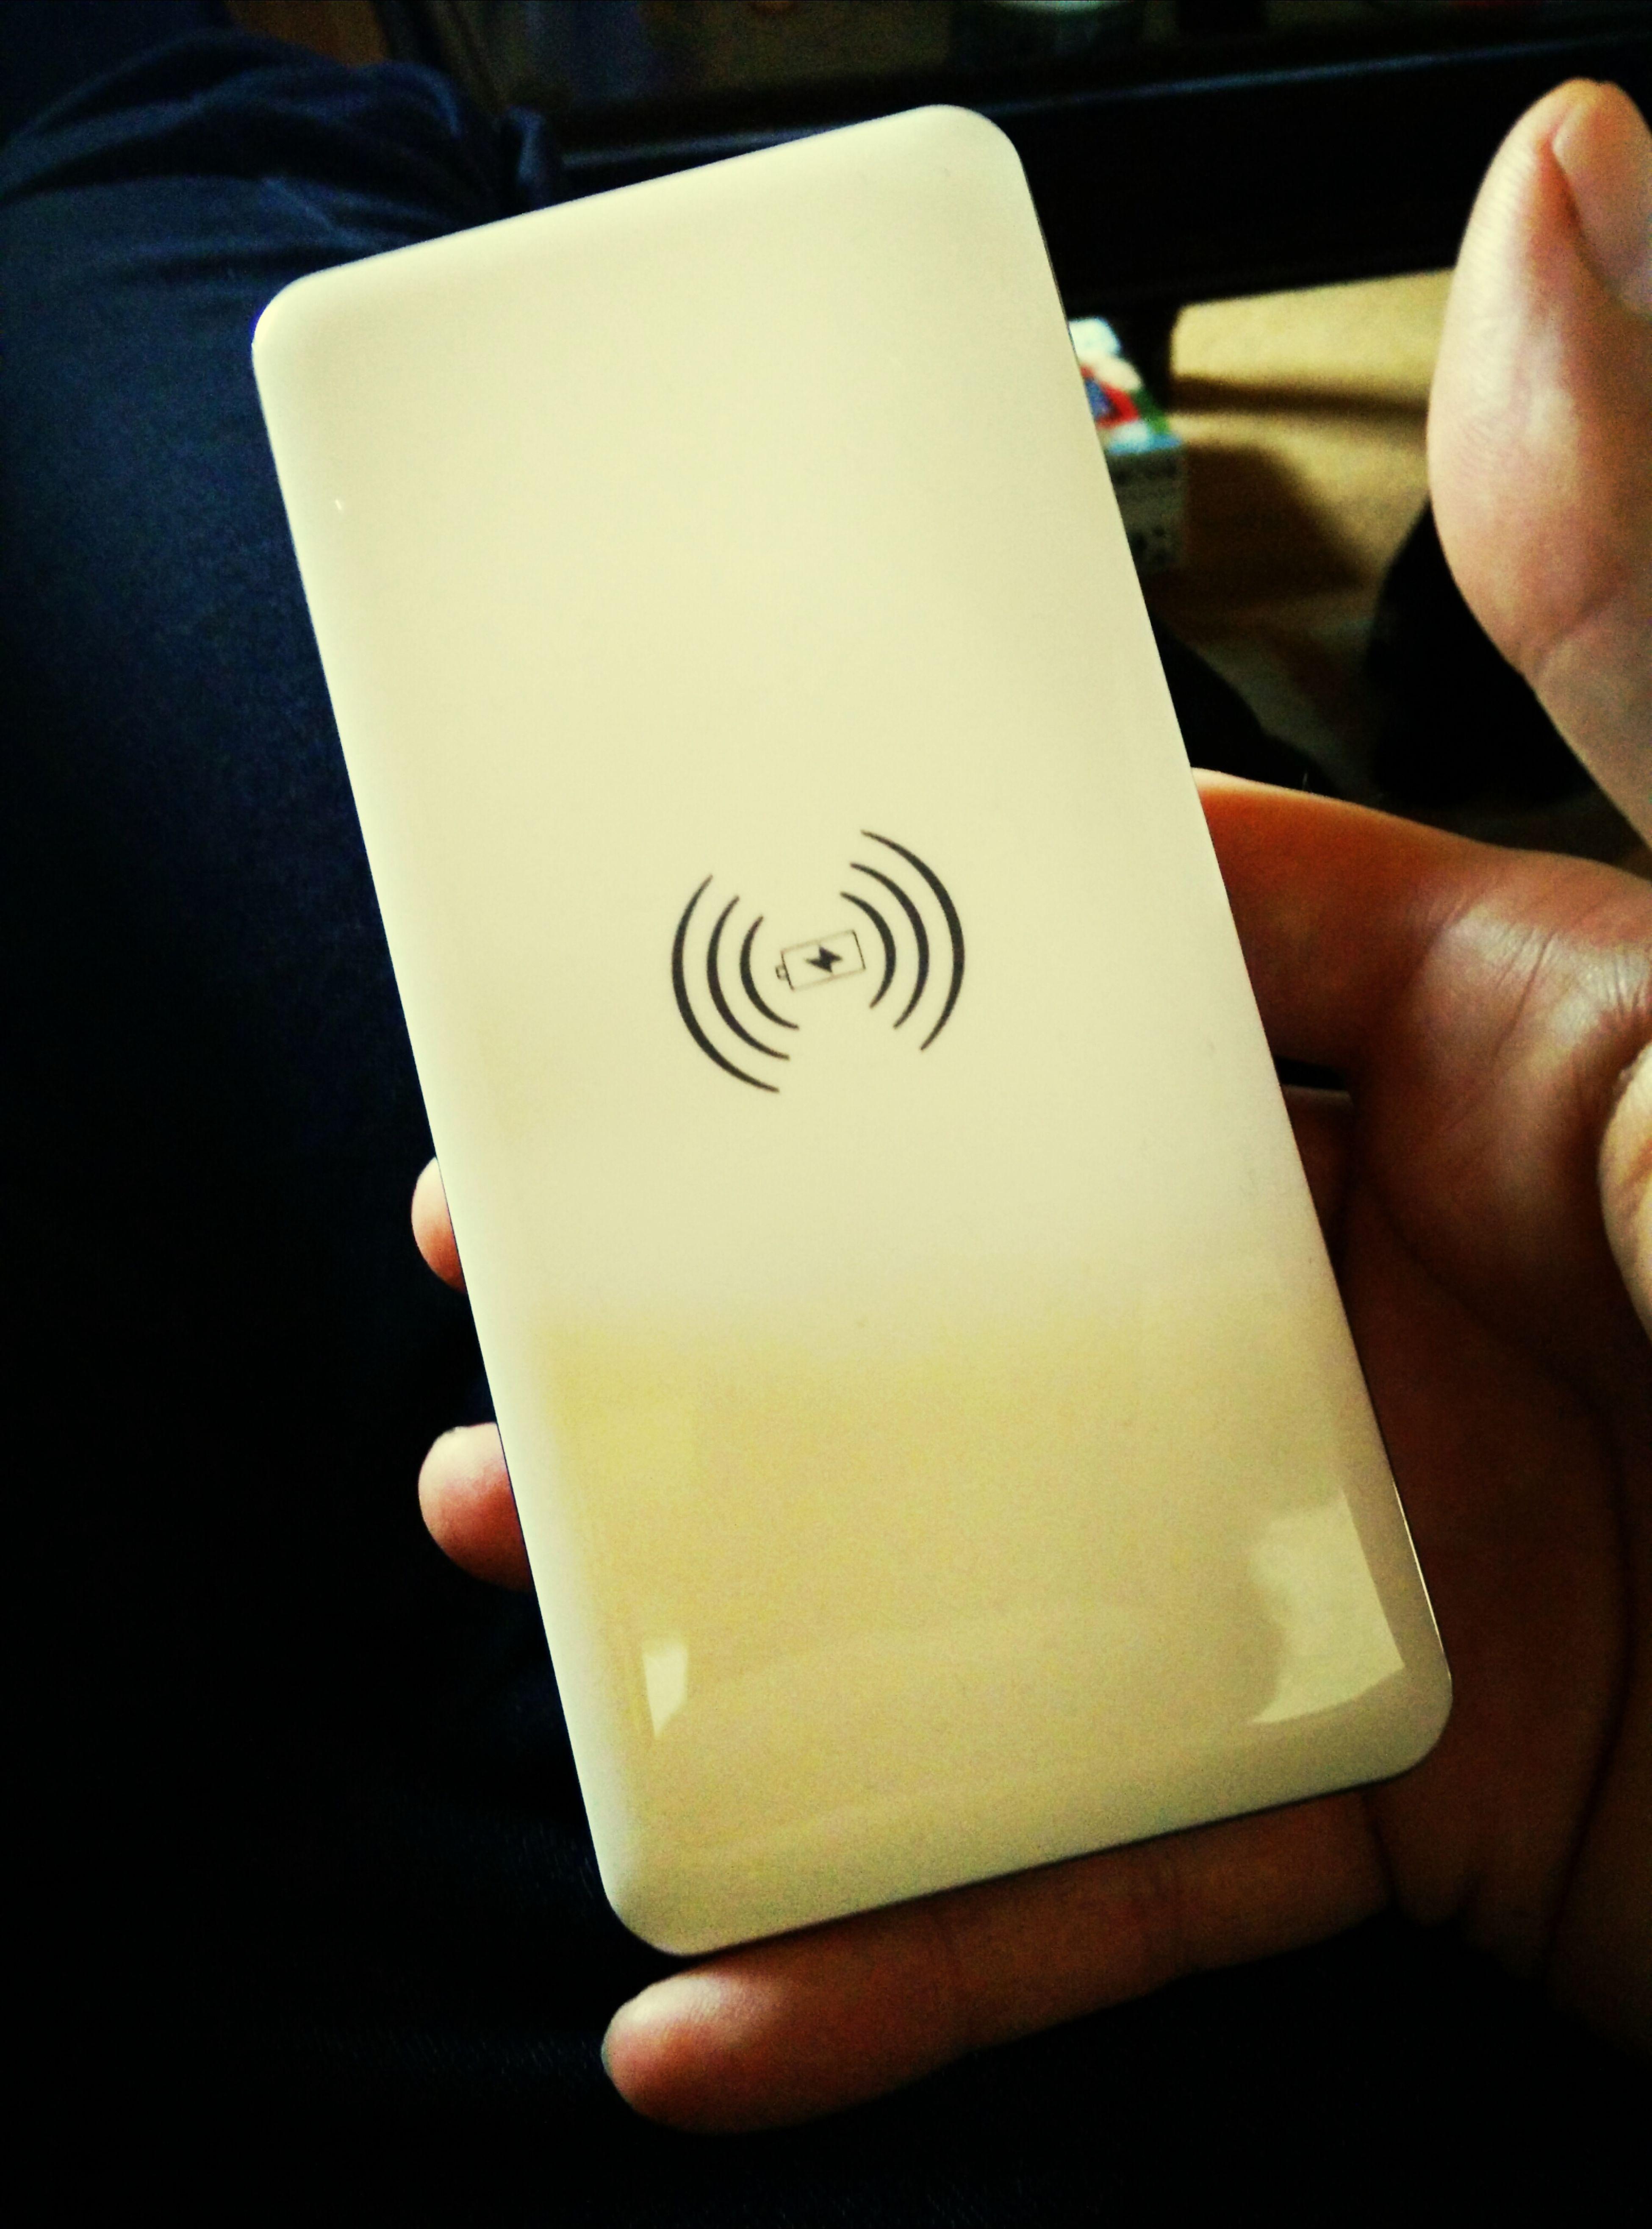 spannenstes Gadget seit langem: QI Drahtlosladestation und 10.000 mAh Powerbank in einem Bloggertest